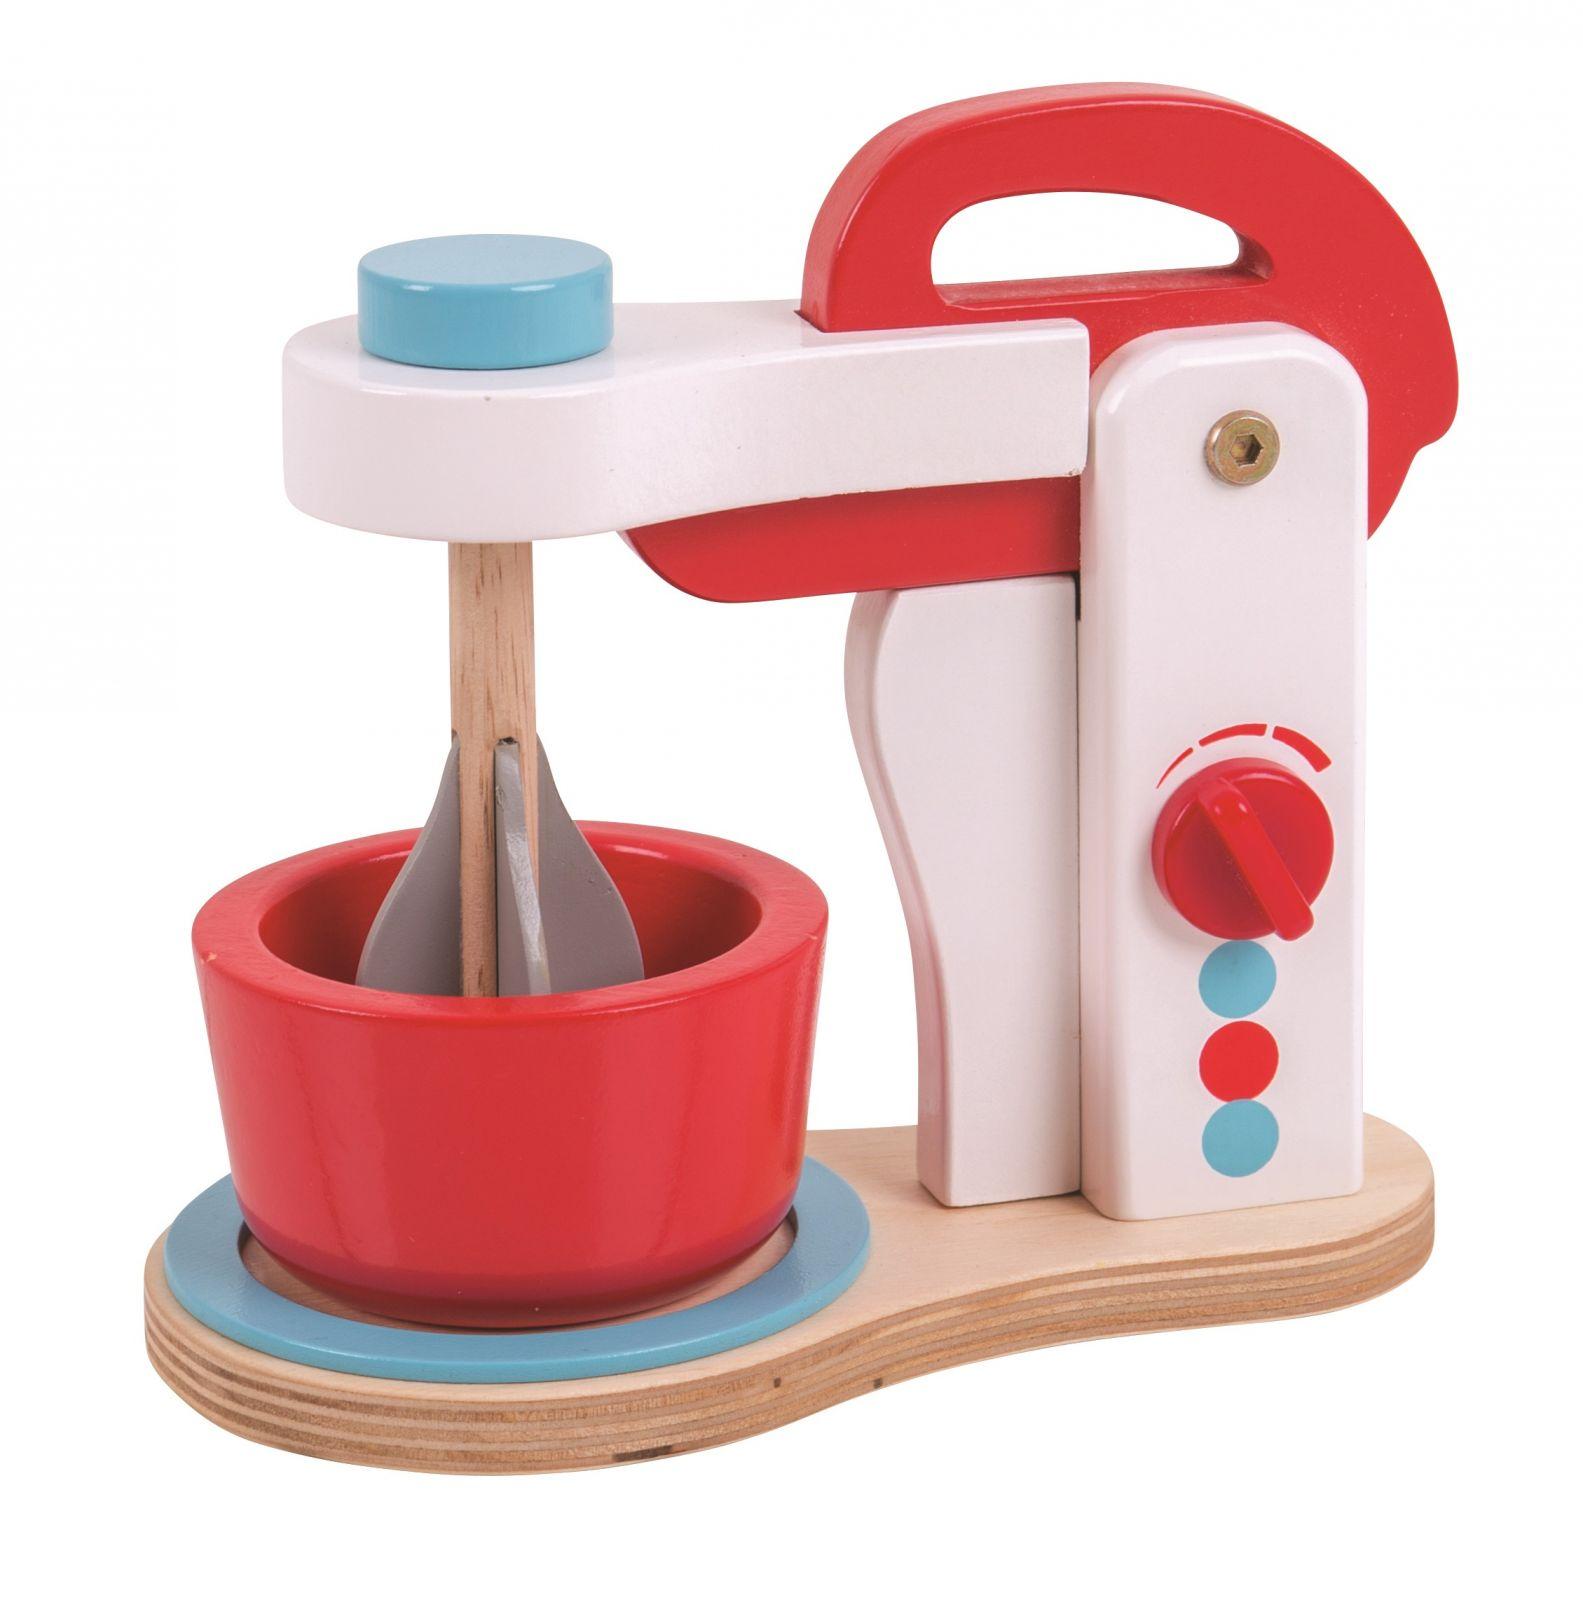 Dřevěné hračky Bigjigs Toys Dřevěný kuchyňský robot